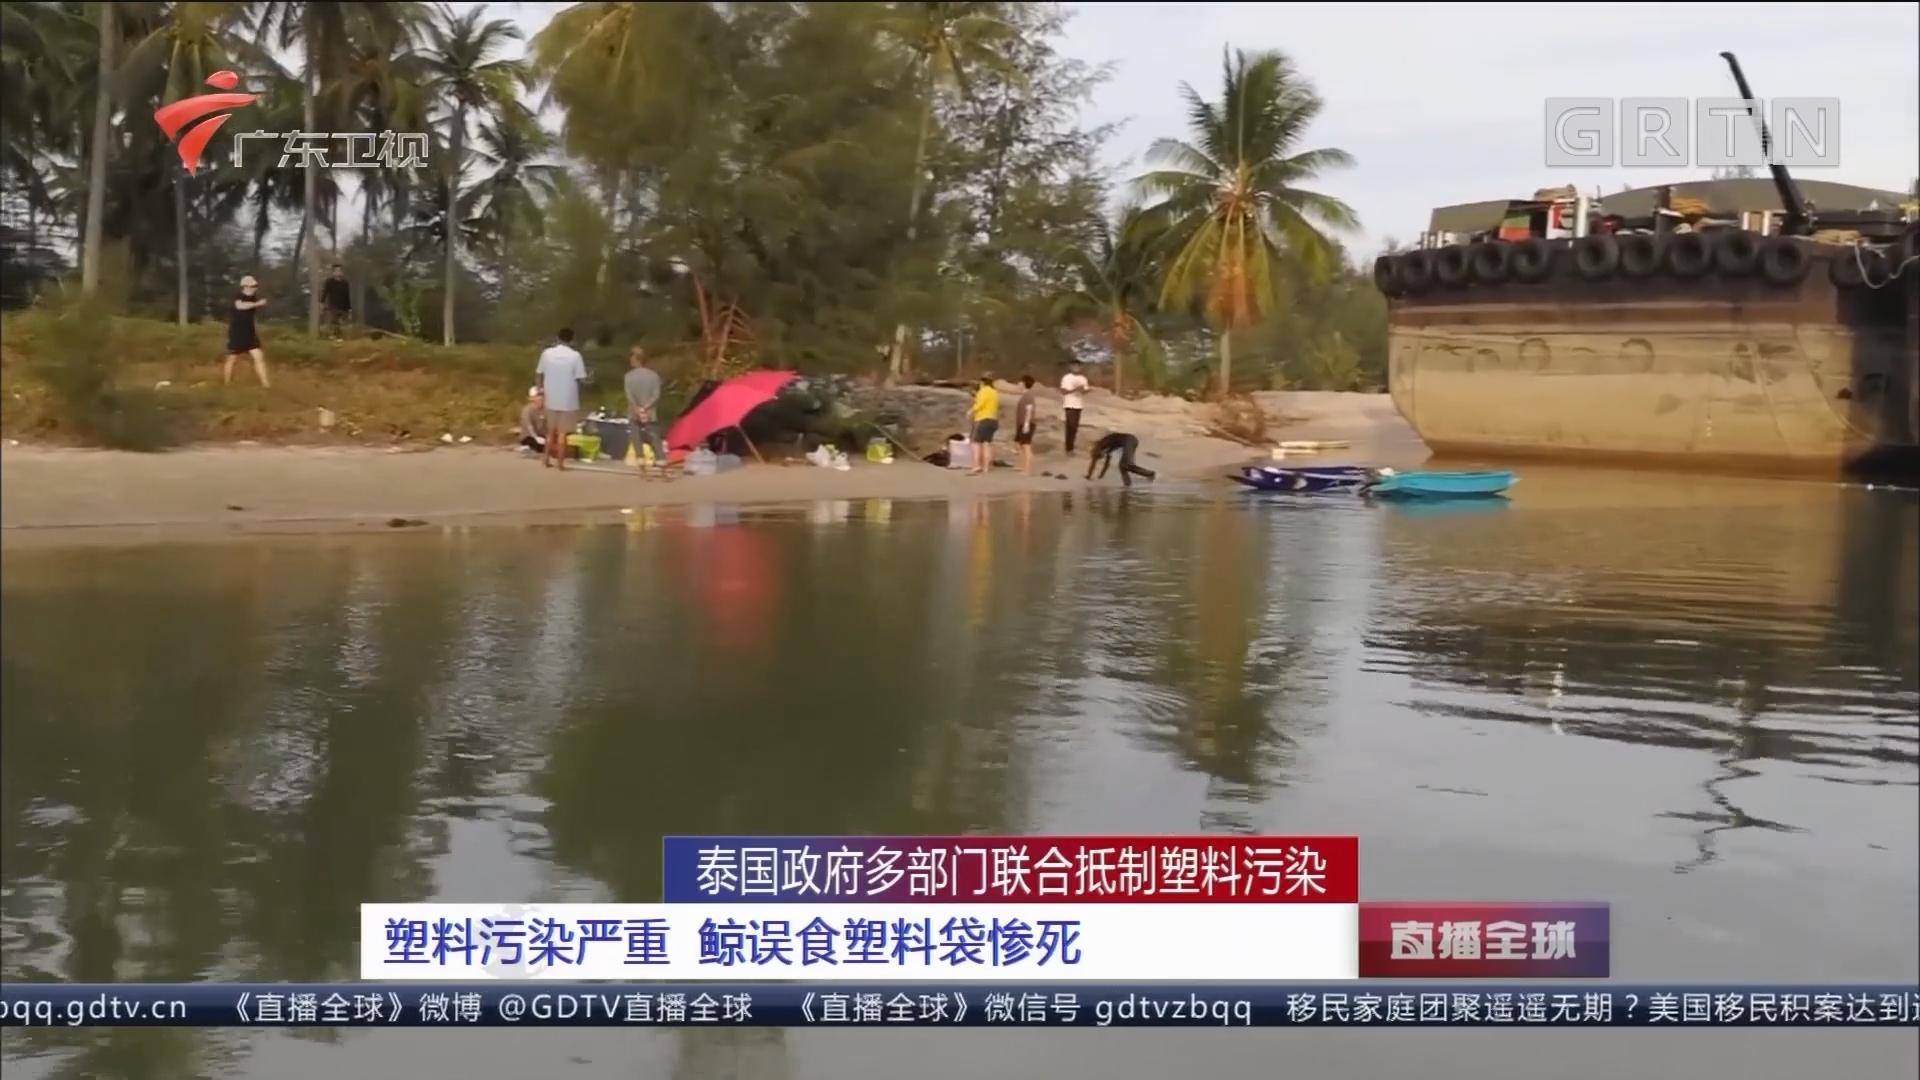 泰国政府多部门联合抵制塑料污染:塑料污染严重 鲸误食塑料袋惨死